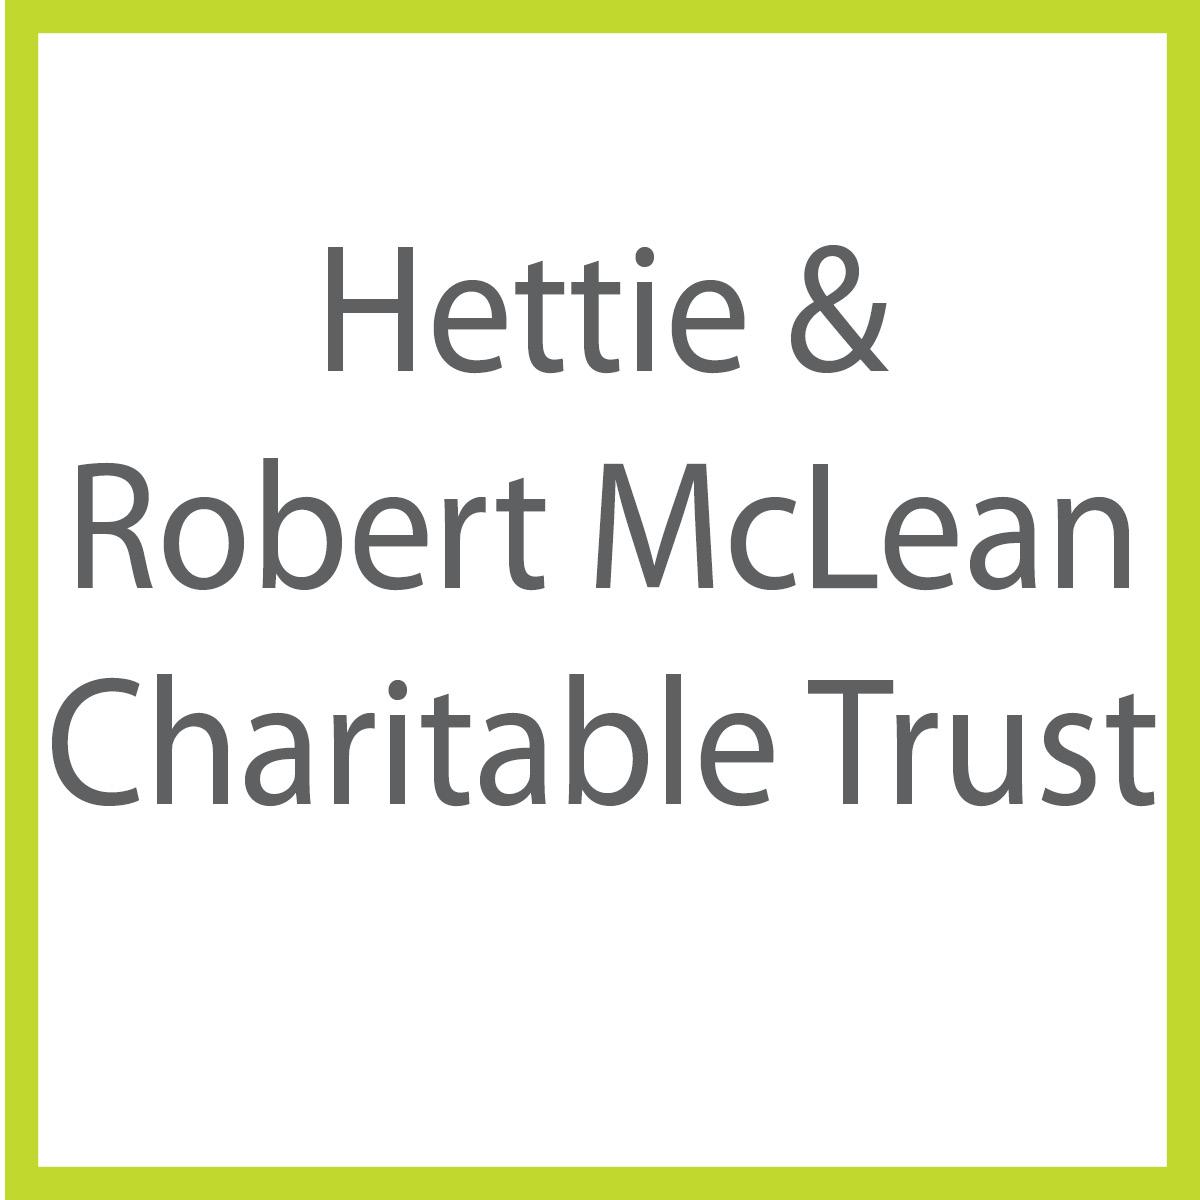 Hettie & Robert McLean Charitable Trust